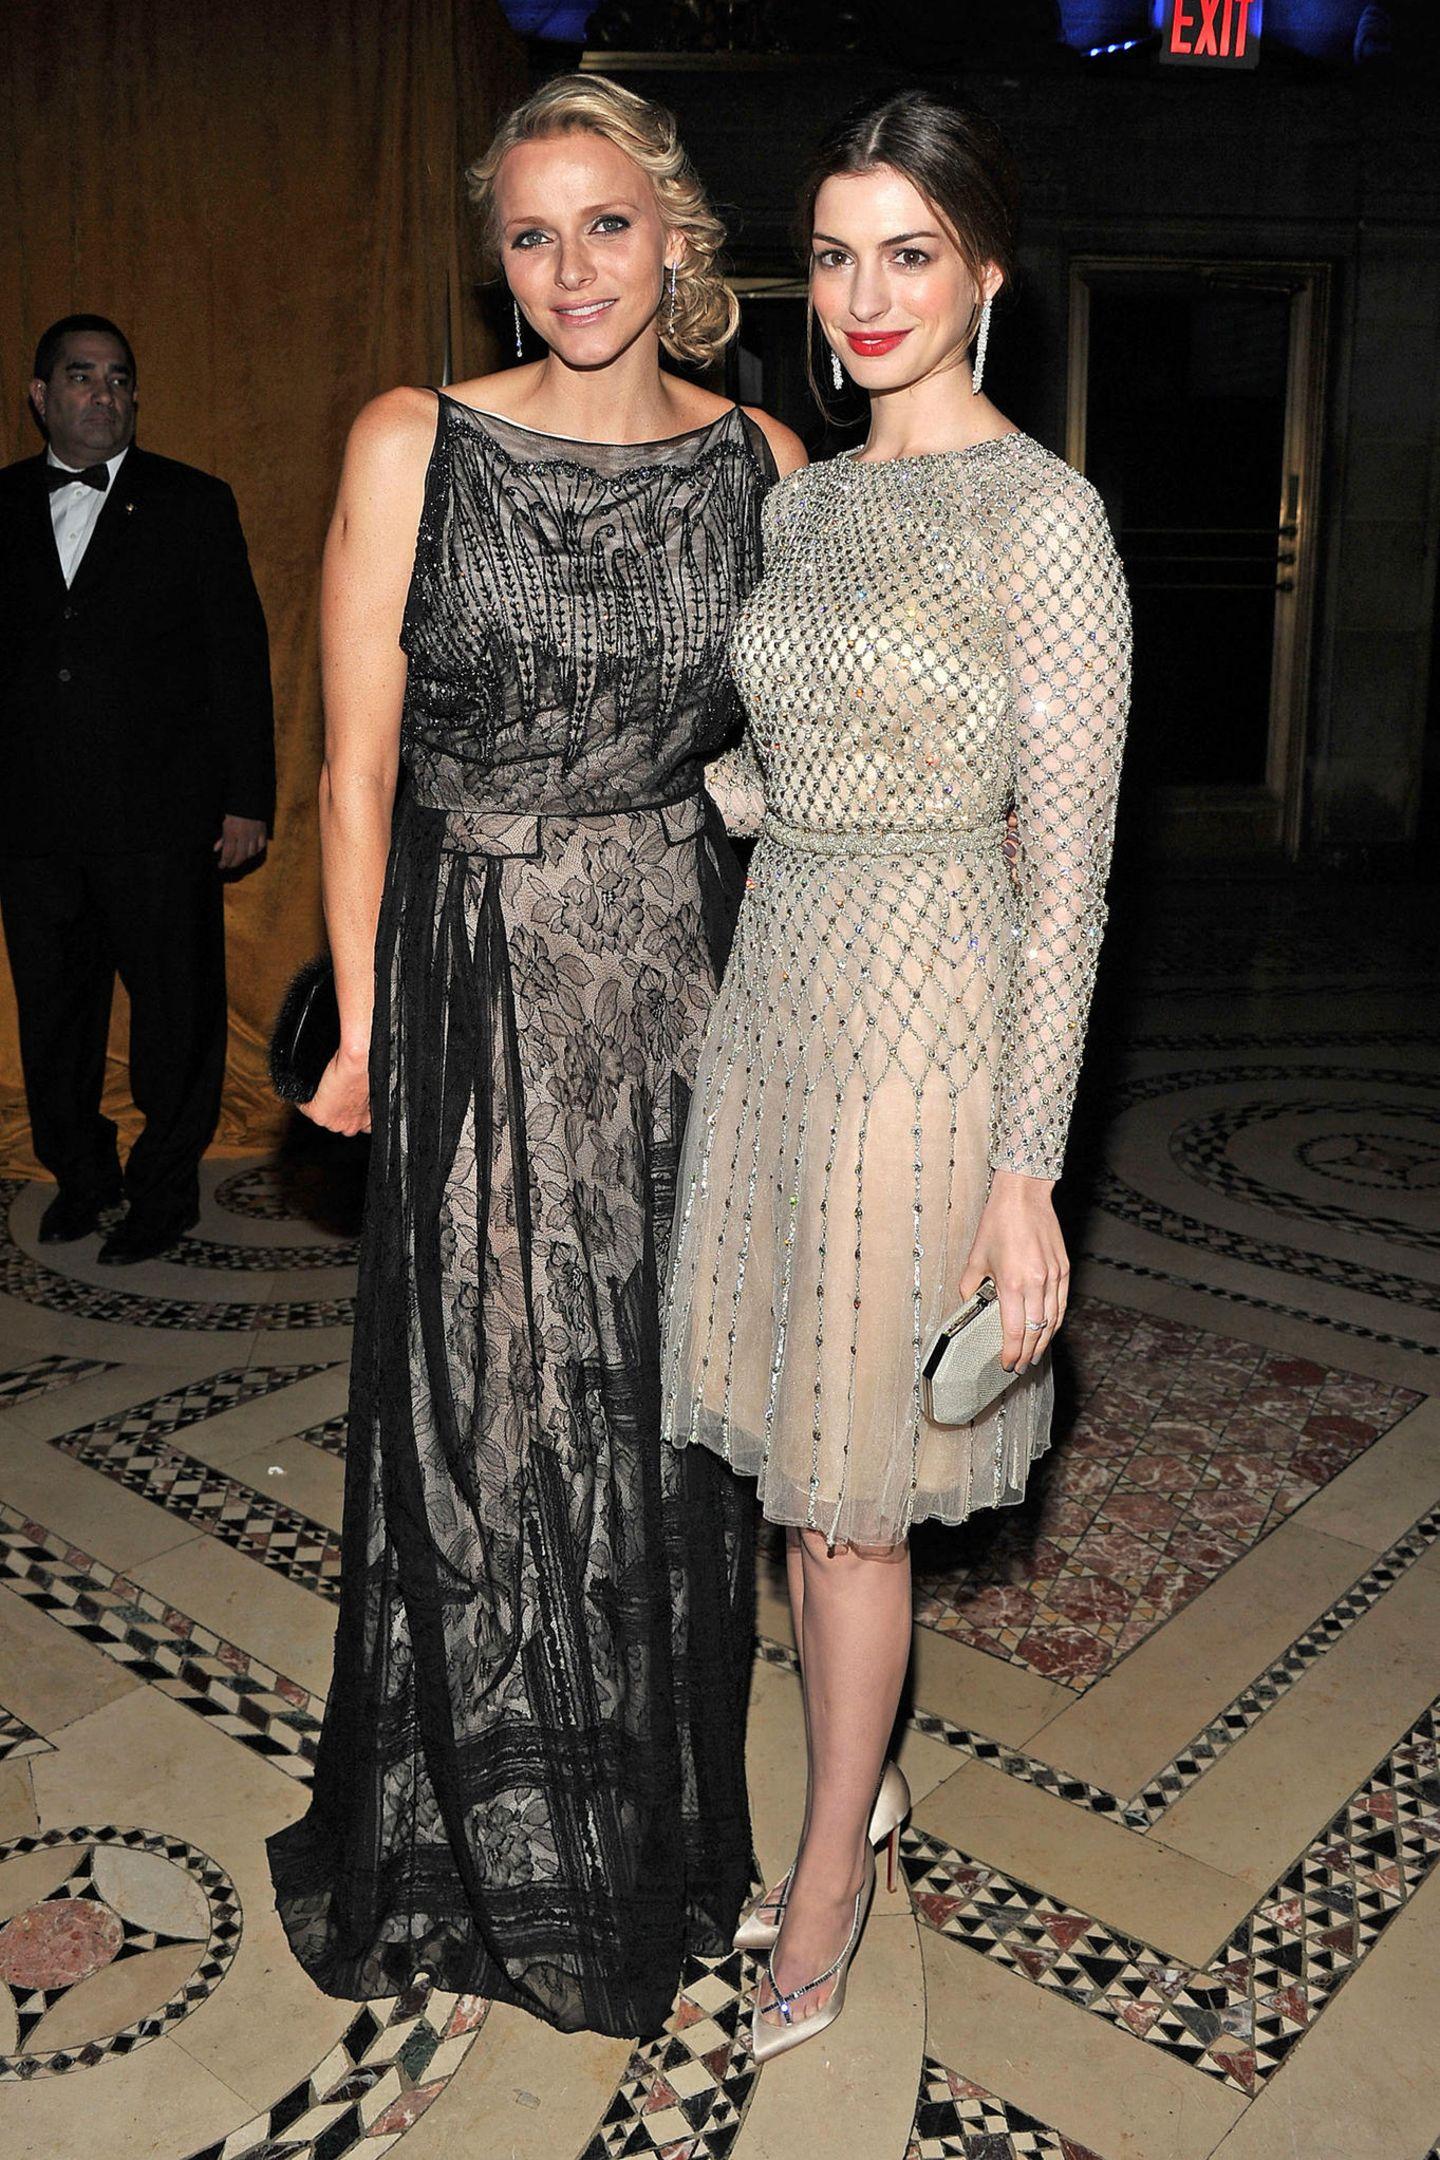 In metallischen Glamour-Look treffenCharlène vonMonaco und Anne Hathaway bei derPrincess Grace Awards Gala im November 2011 in New York aufeinander